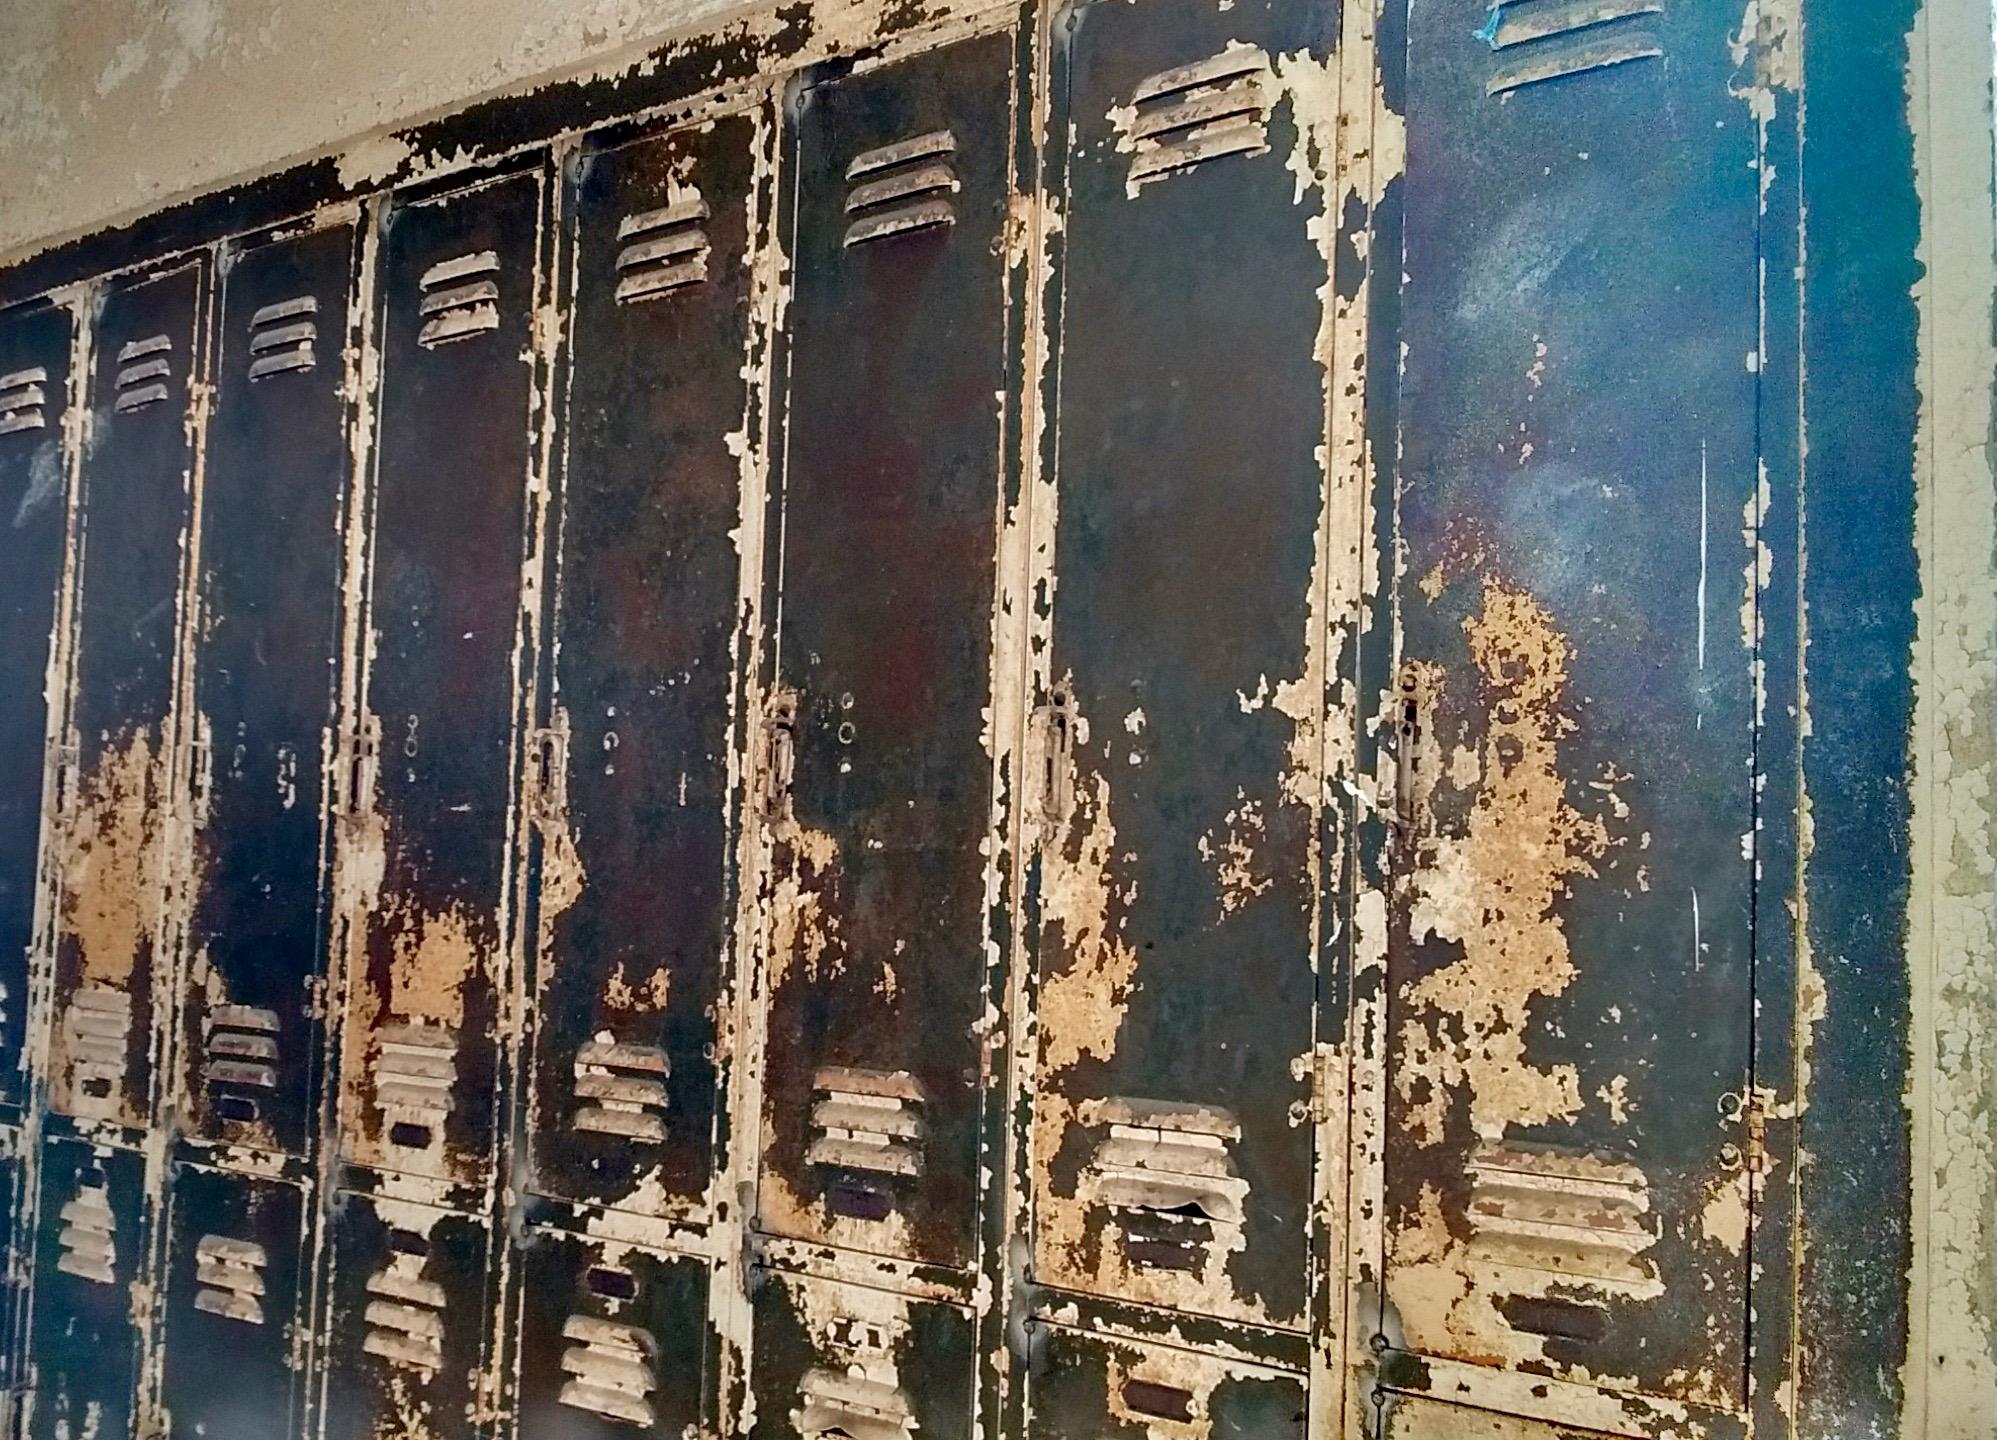 Historic school lockers being refurbished